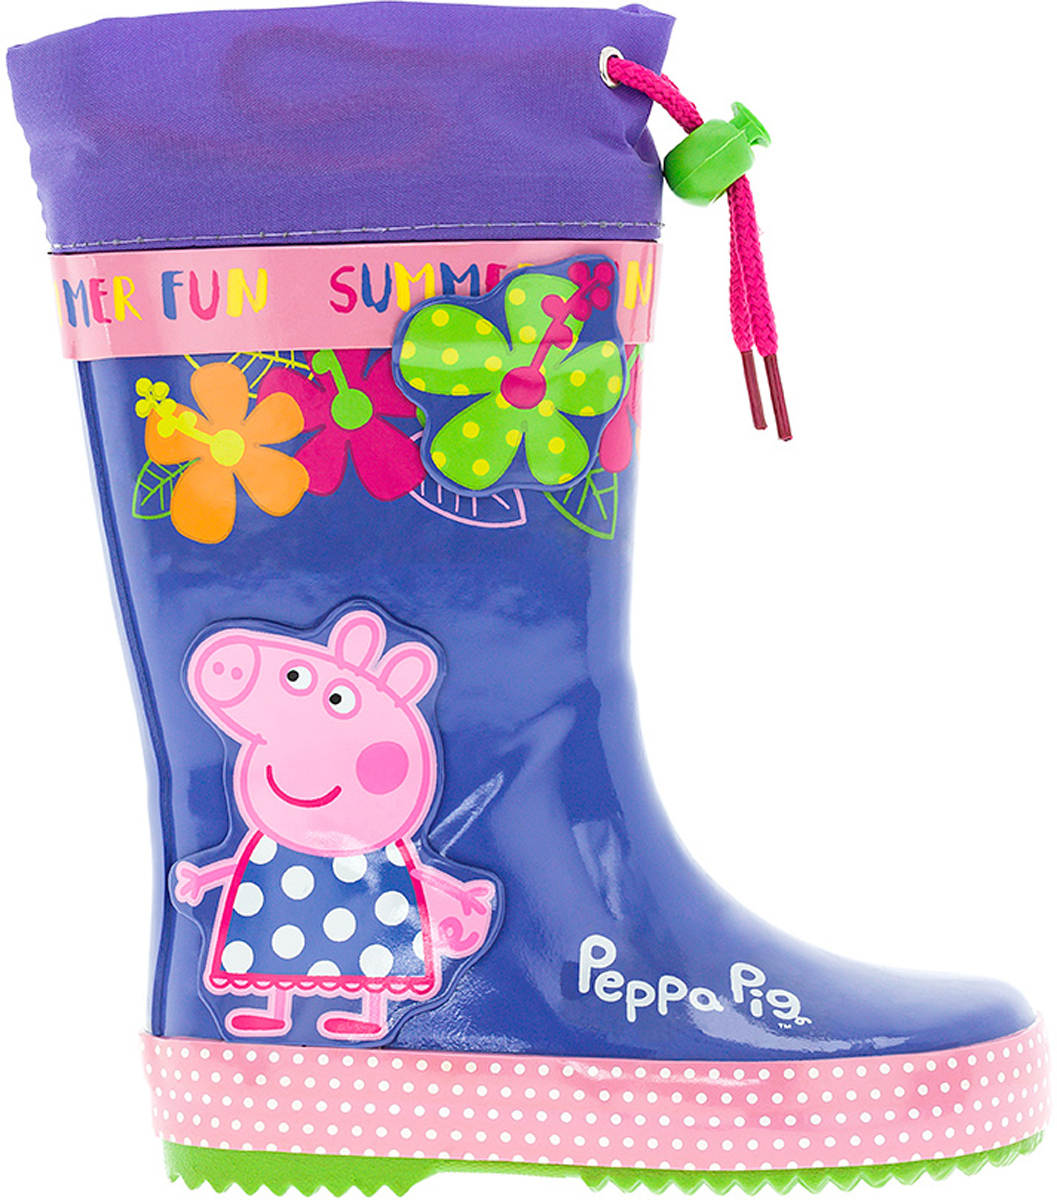 Сапоги резиновые для девочки Kakadu Peppa Pig, цвет: фиолетовый, синий, розовый. 6690CC. Размер 276690CCМодные резиновые сапоги от Kakadu - идеальная обувь в дождливую погоду для вашей девочки. Модель оформлена красочным принтом с изображением цветов и Свинки Пеппы и дополнена текстильной манжетой на кулиске для регулировки объема голенища. Внутренняя поверхность из байки с текстилем и съемная стелька способствуют поддержанию тепла и комфортны при ходьбе. Подошва с протектором гарантирует отличное сцепление с любой поверхностью. Резиновые сапоги - необходимая вещь в гардеробе каждого ребенка.